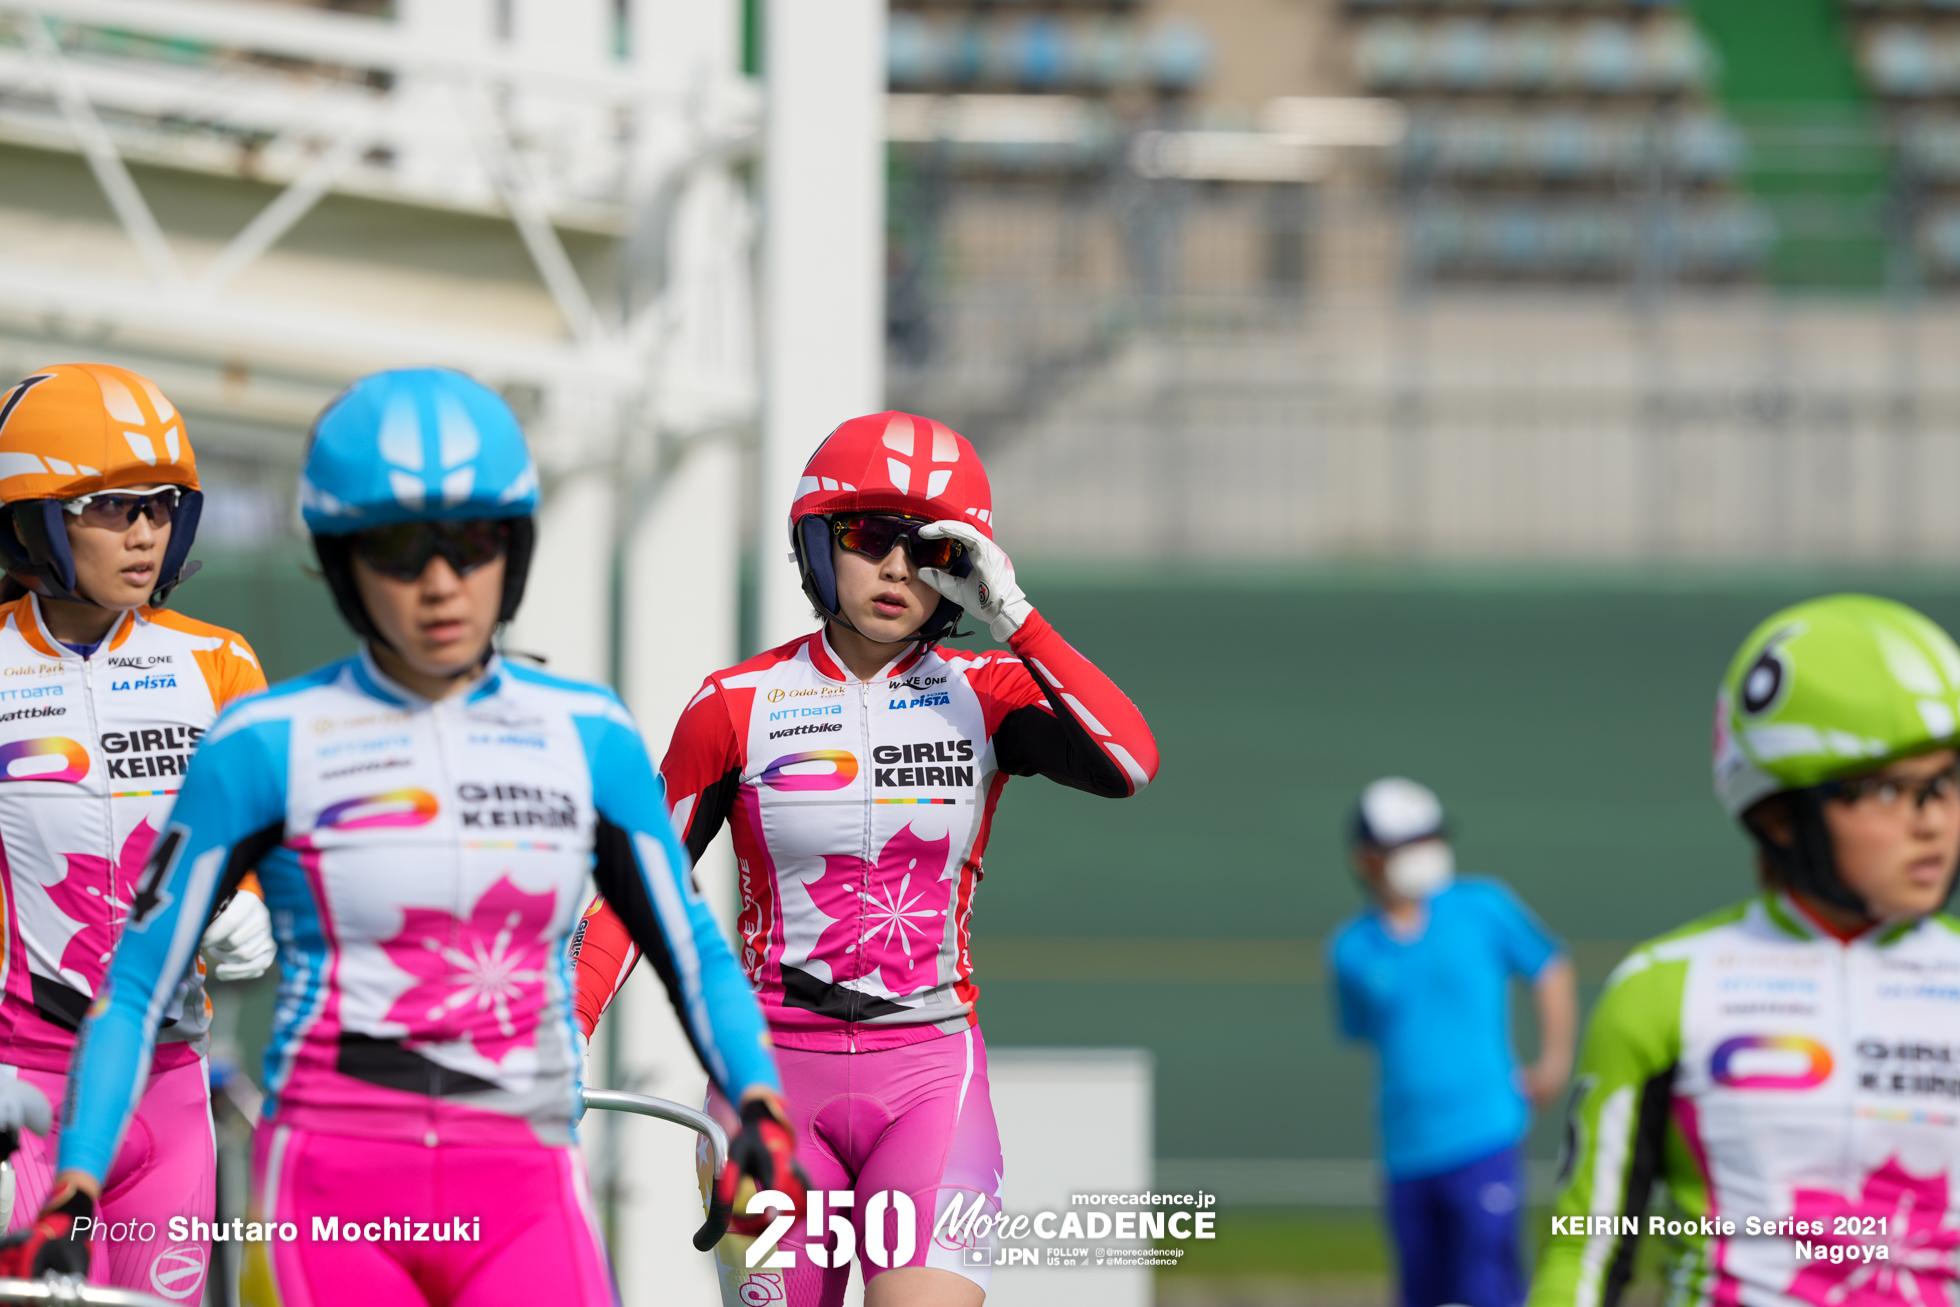 内野艶和, 競輪ルーキーシリーズ 名古屋